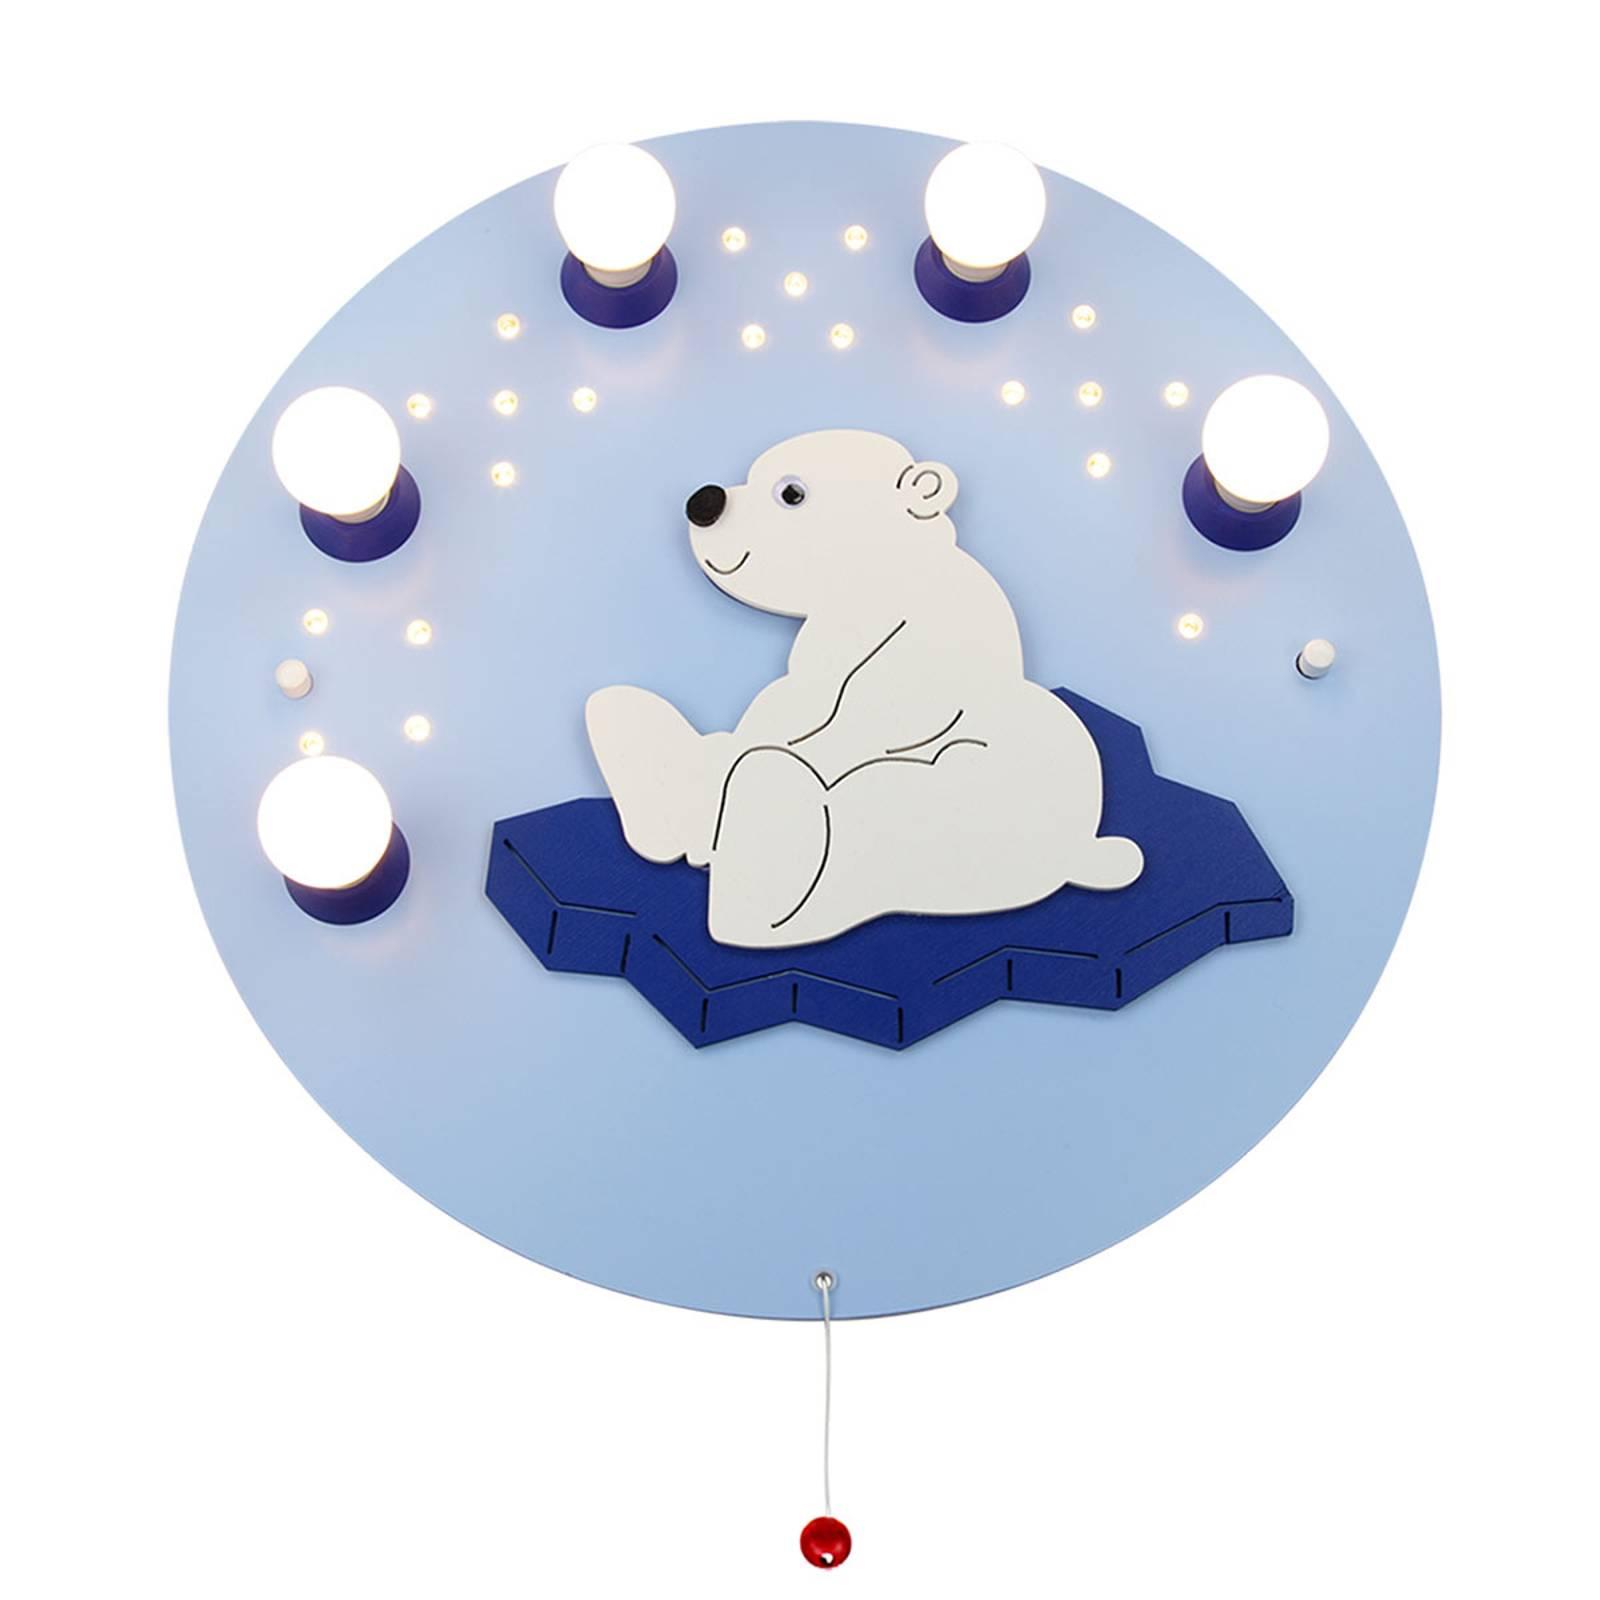 Wandlamp Ijsbeer, lichtblauw, 5-lamps